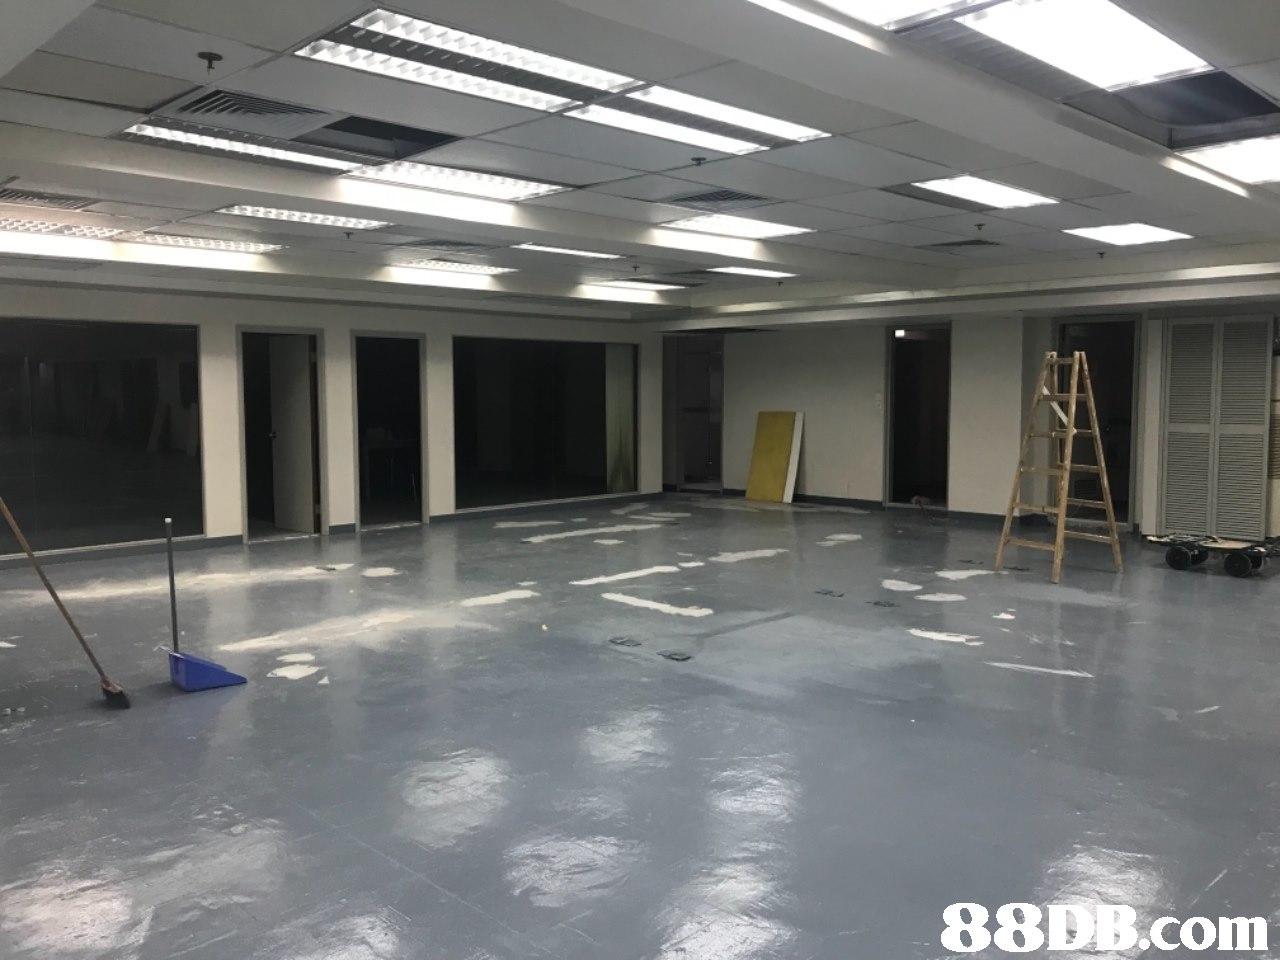 property,floor,flooring,ceiling,real estate